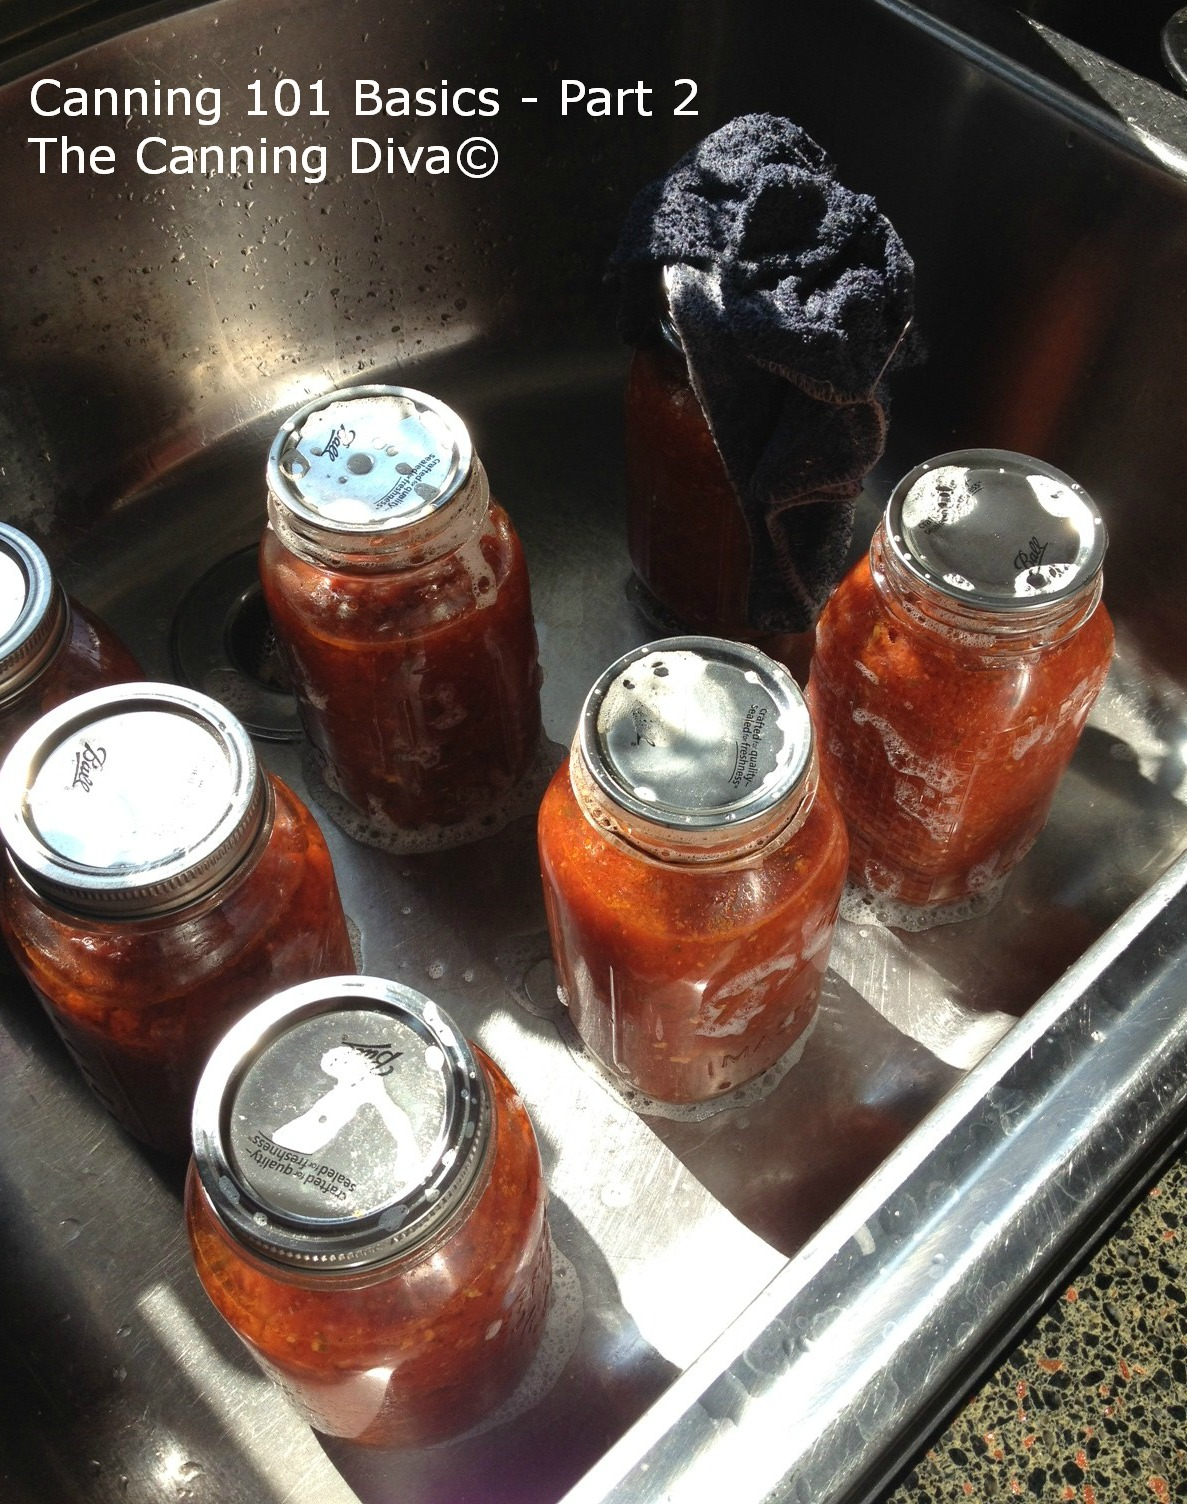 canning 101 basics - part 2